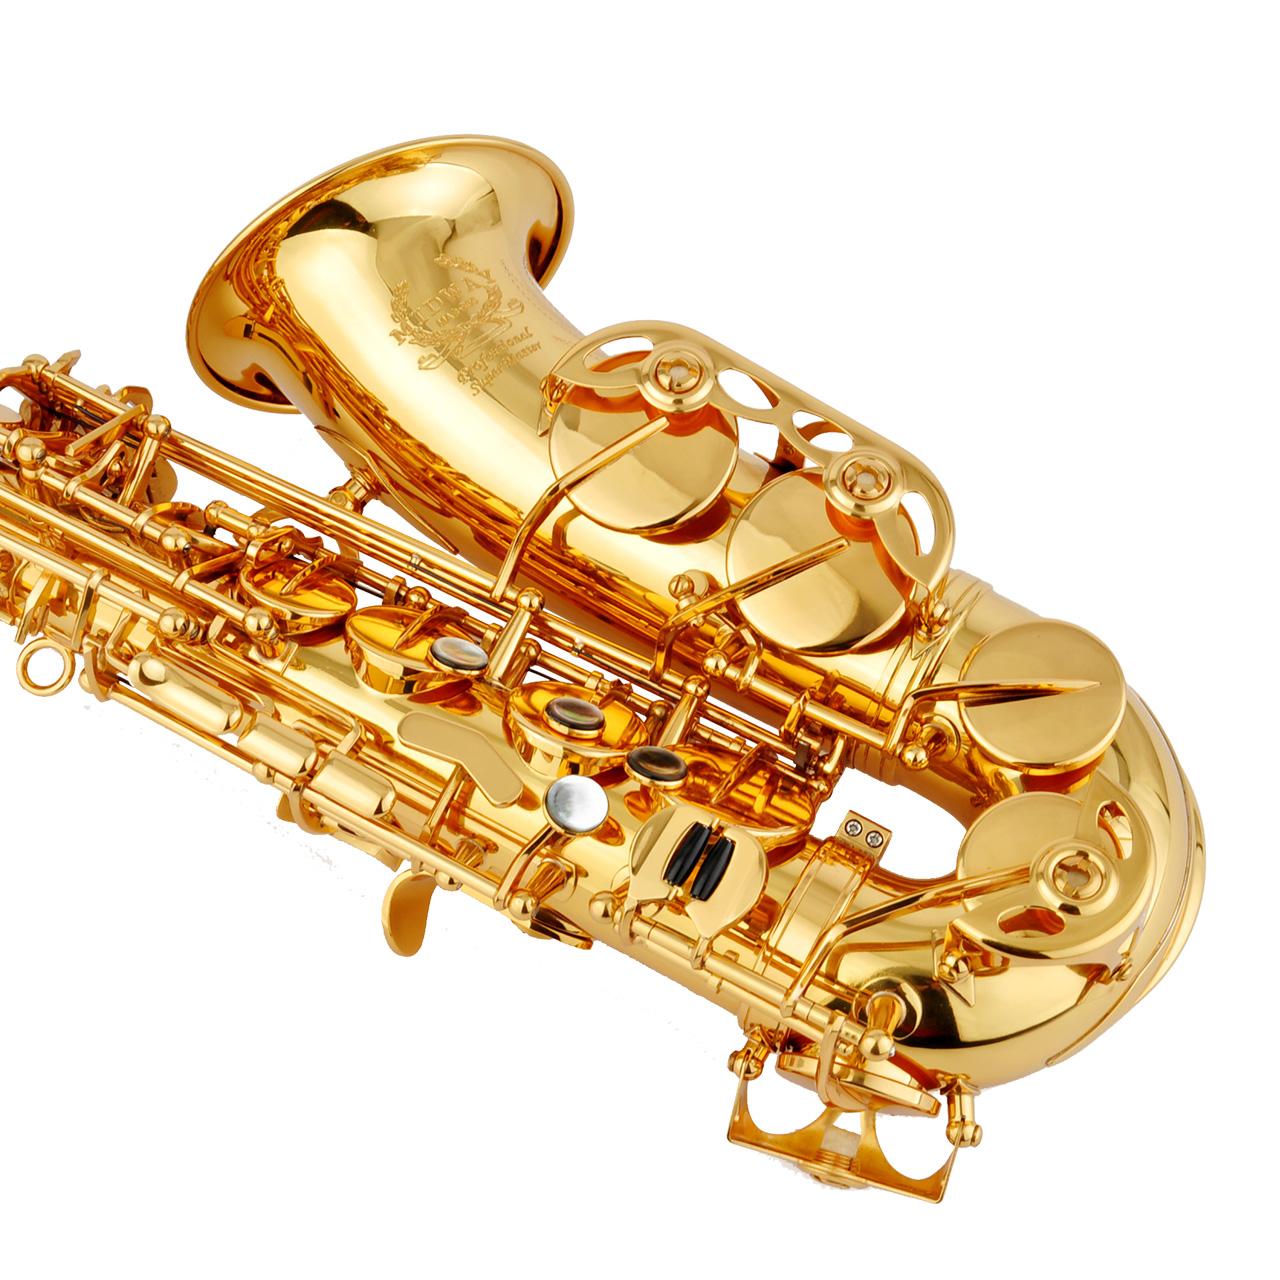 500 MAS 调中音萨克斯乐器正品大人考级 e 美德威初学者专业演奏降